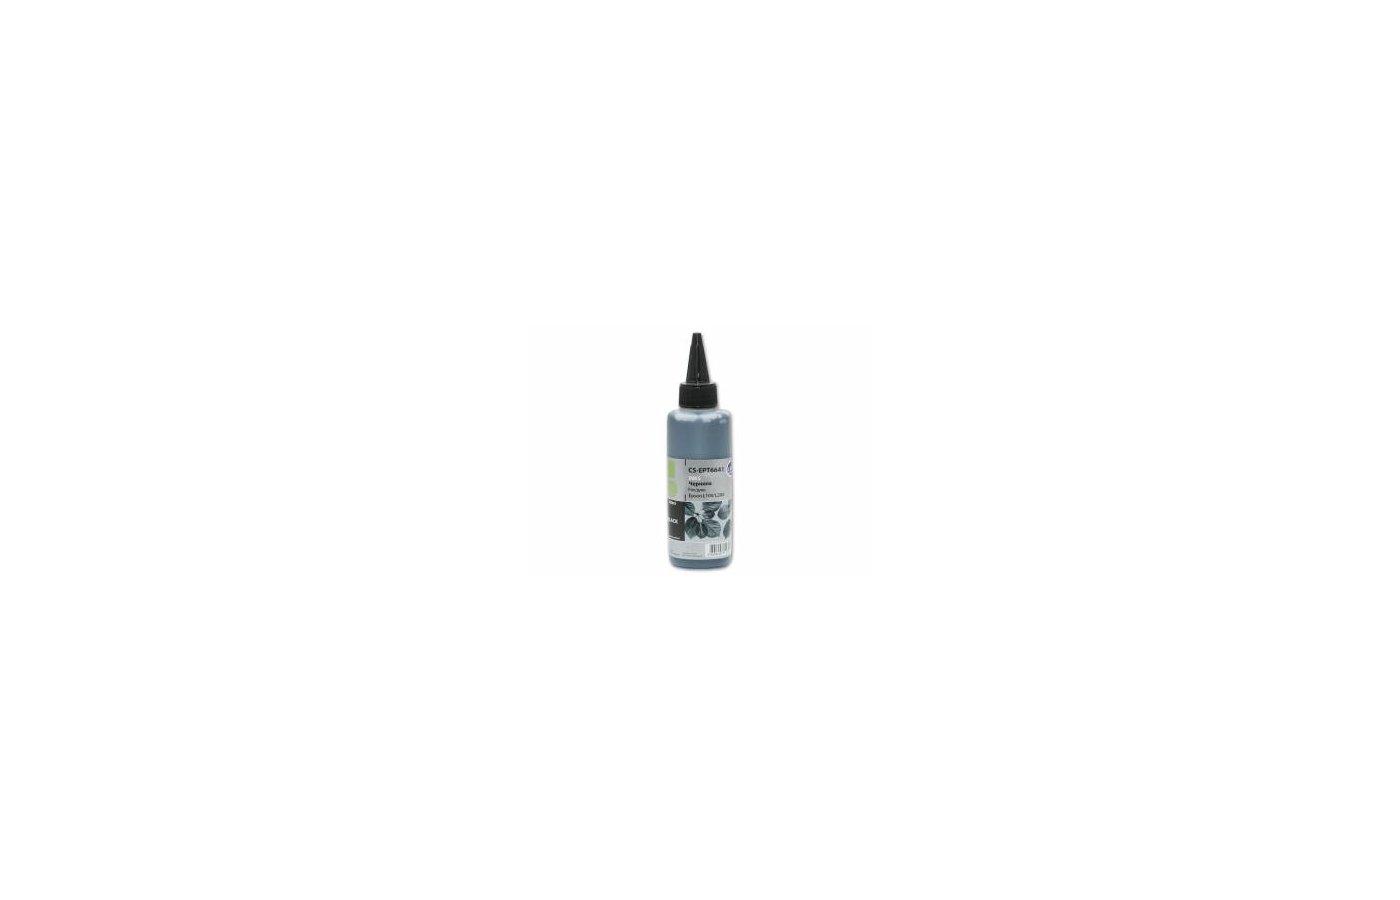 Картридж струйный Cactus CS-EPT6641 Чернила совместимые черный (100мл) Epson L100